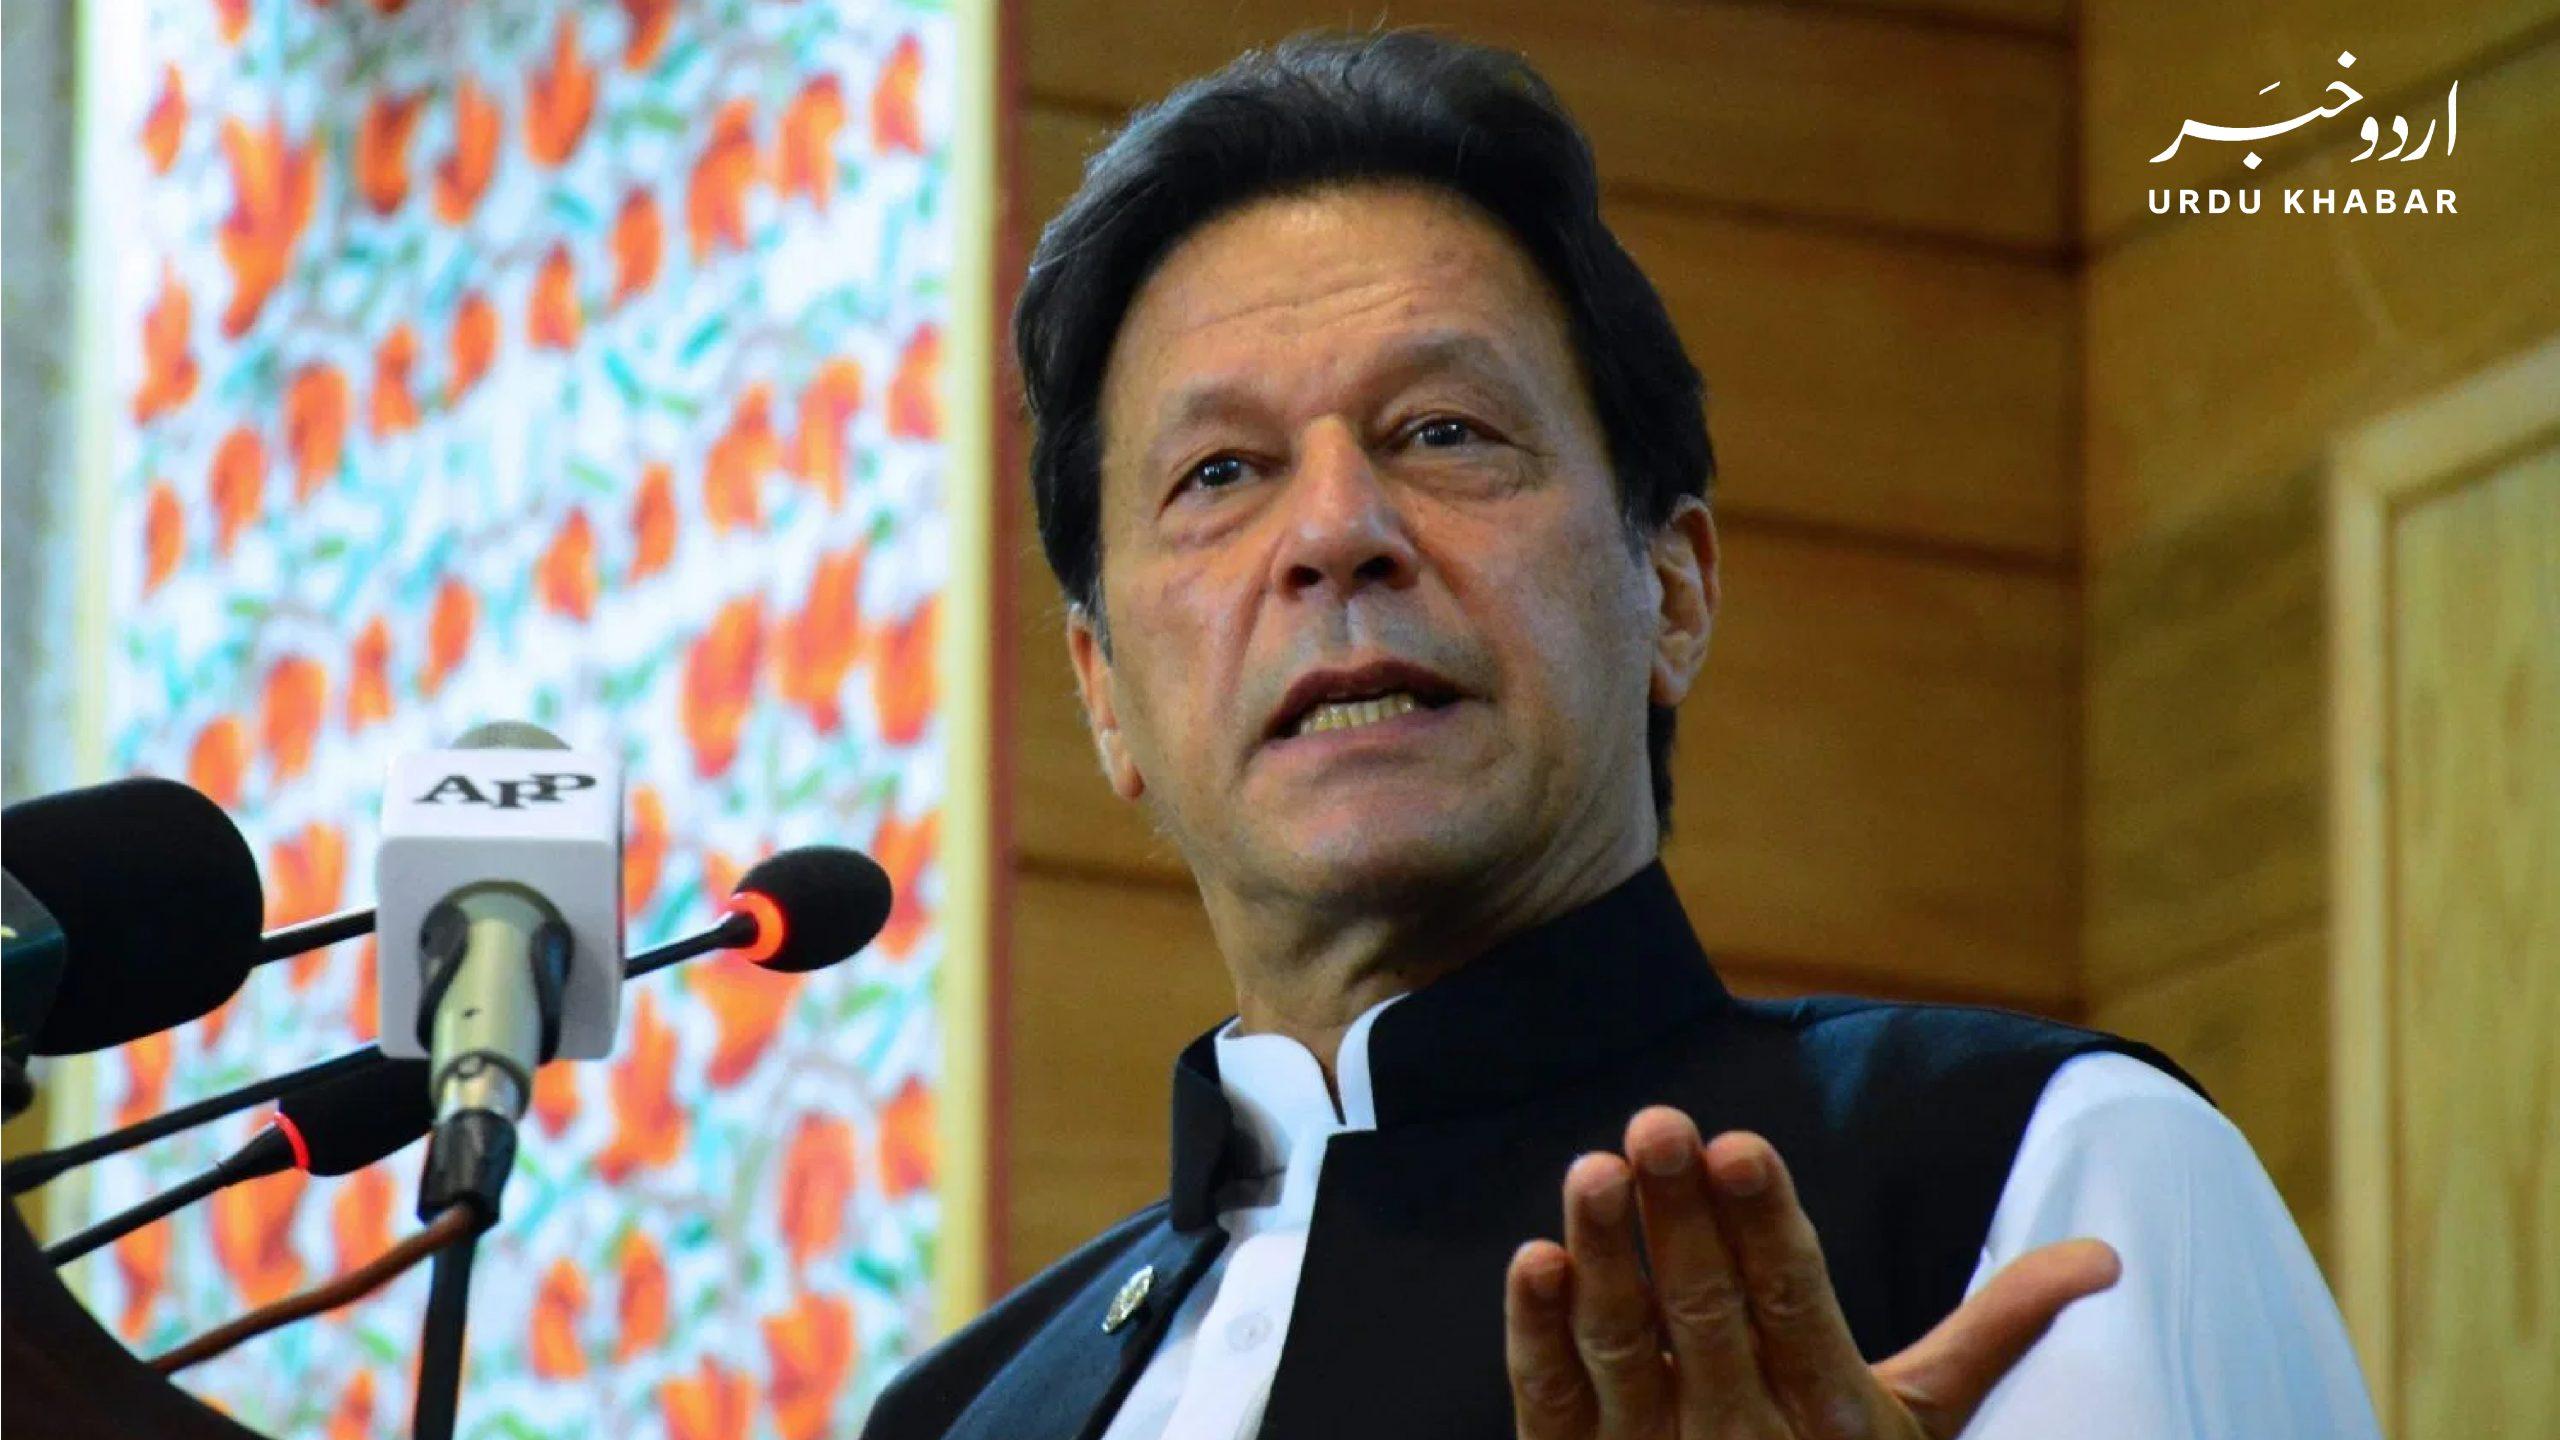 پی ٹی آئی کے ممبران کی وفاداری کو 'خریدنے' کی کوشش کی گئی ہے، عمران خان